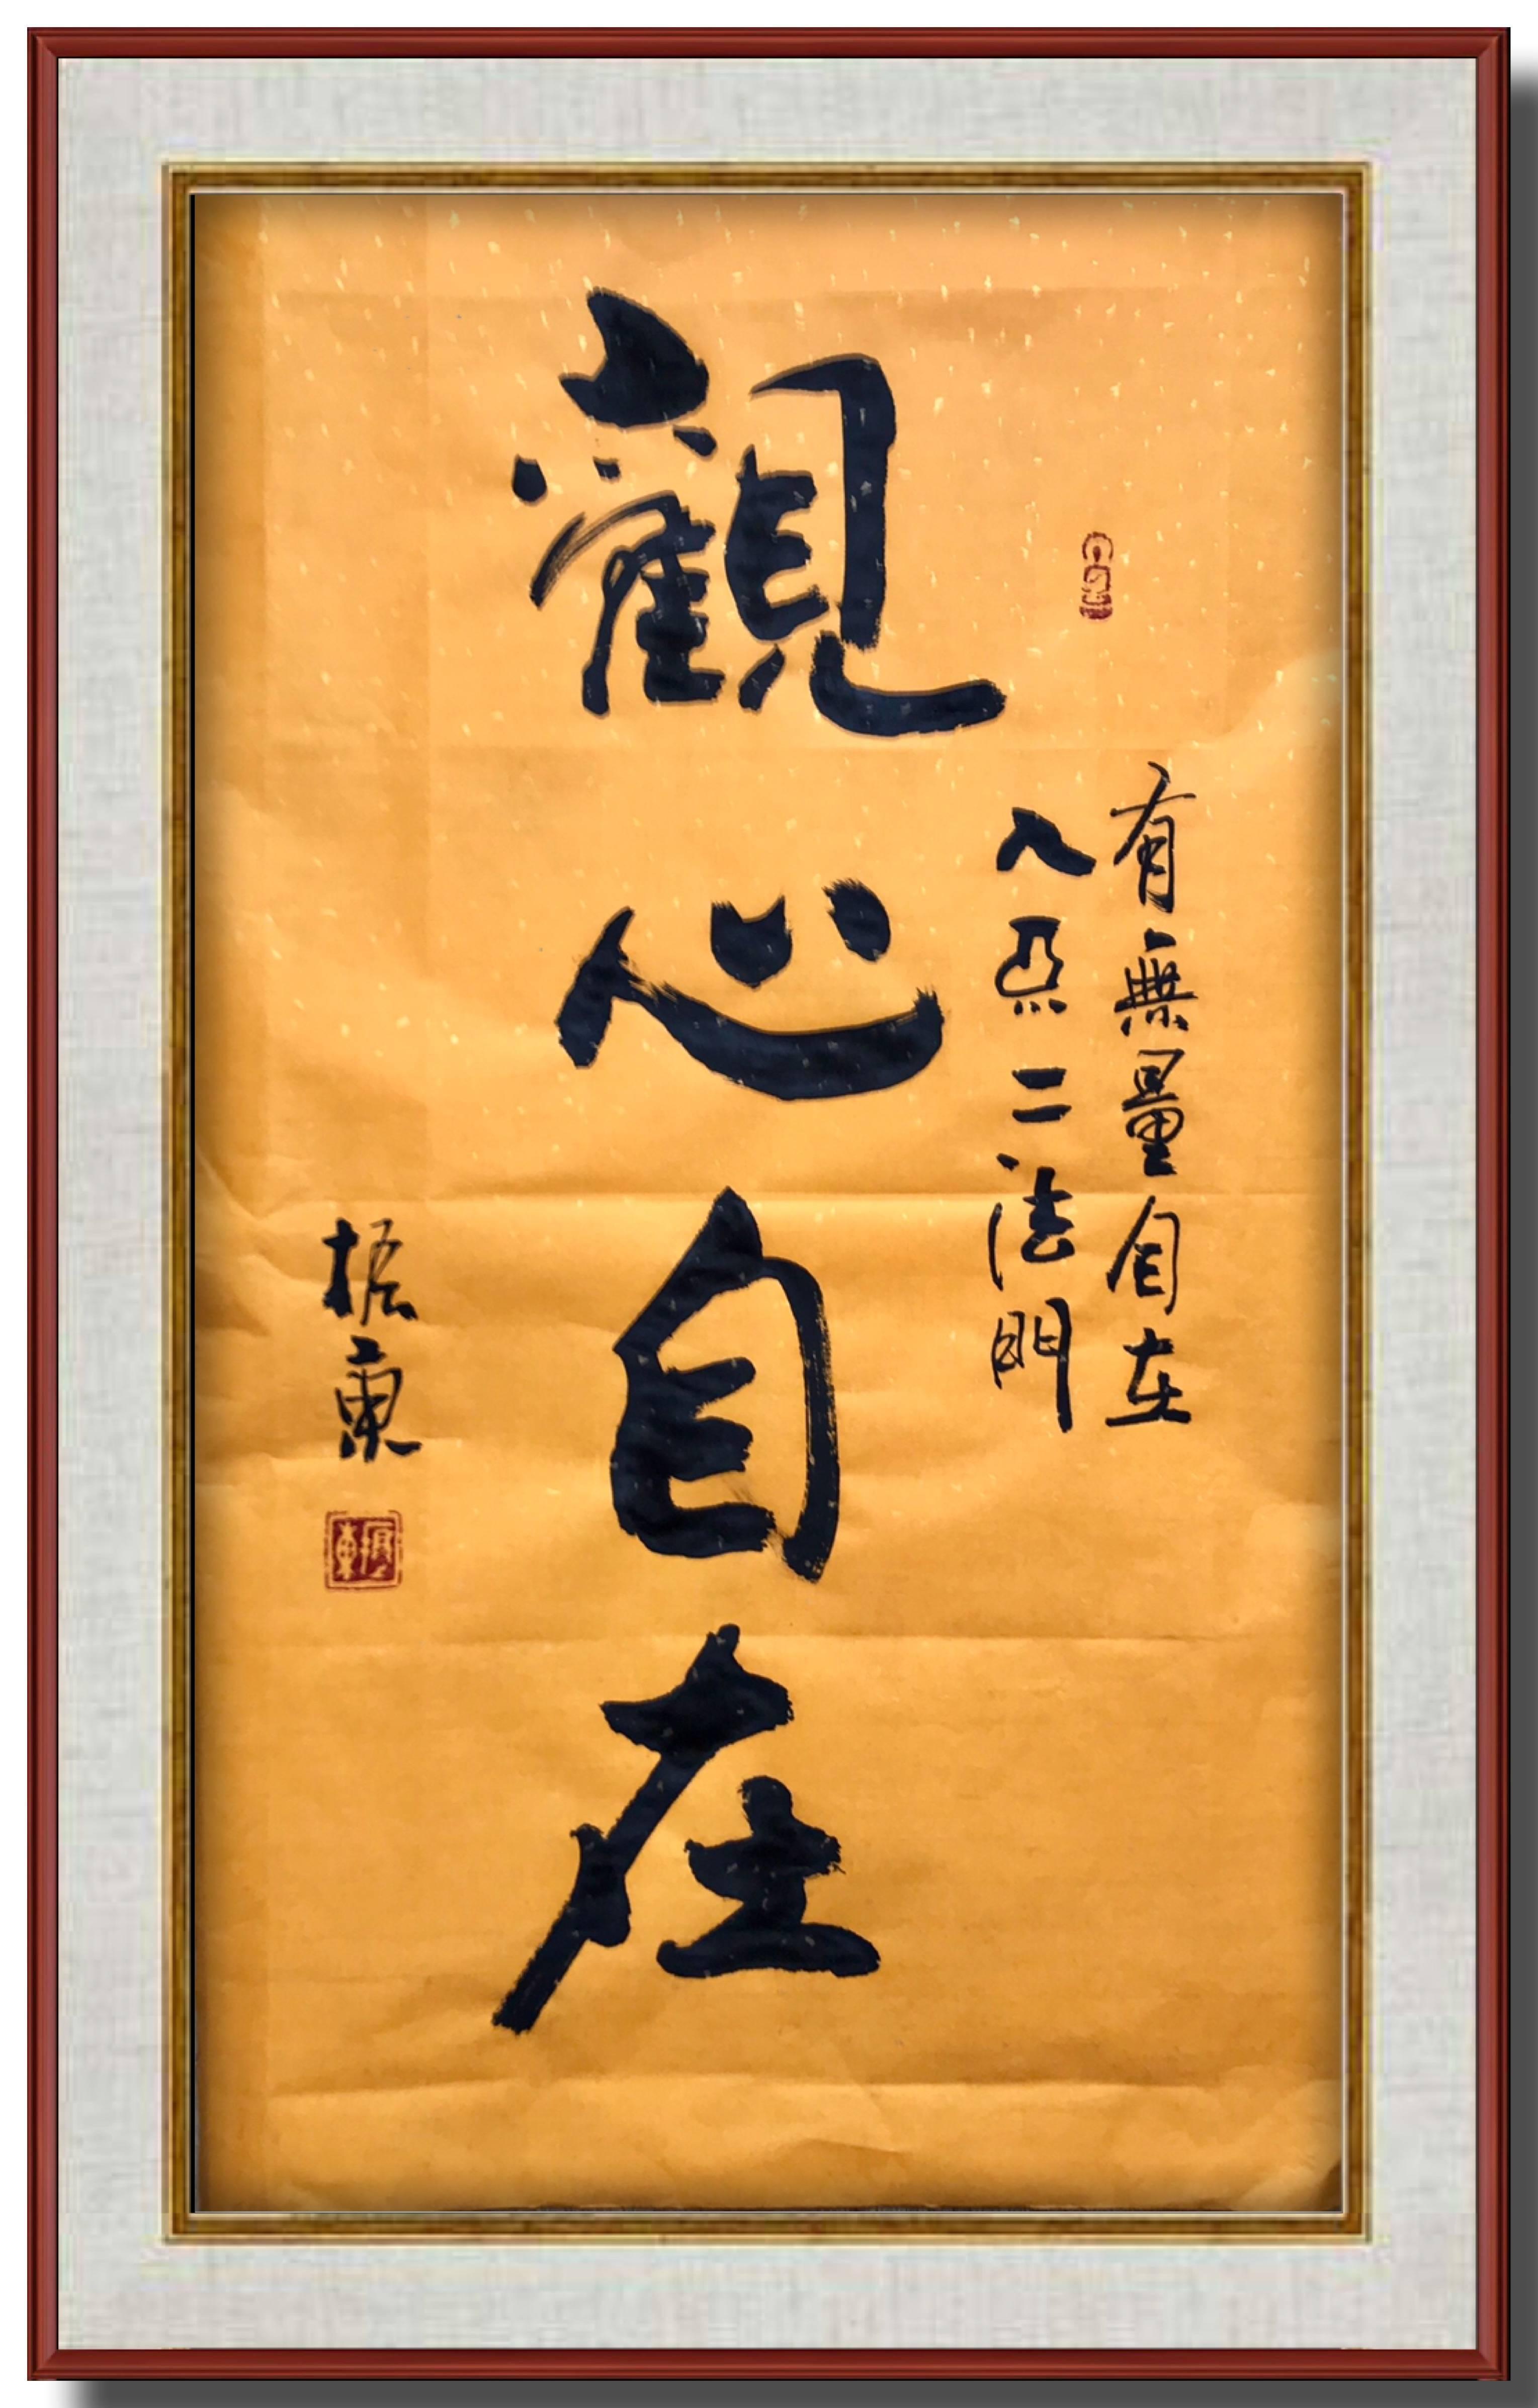 毛笔字教学 之【心】字的各类写法及由来(一日一字篇)